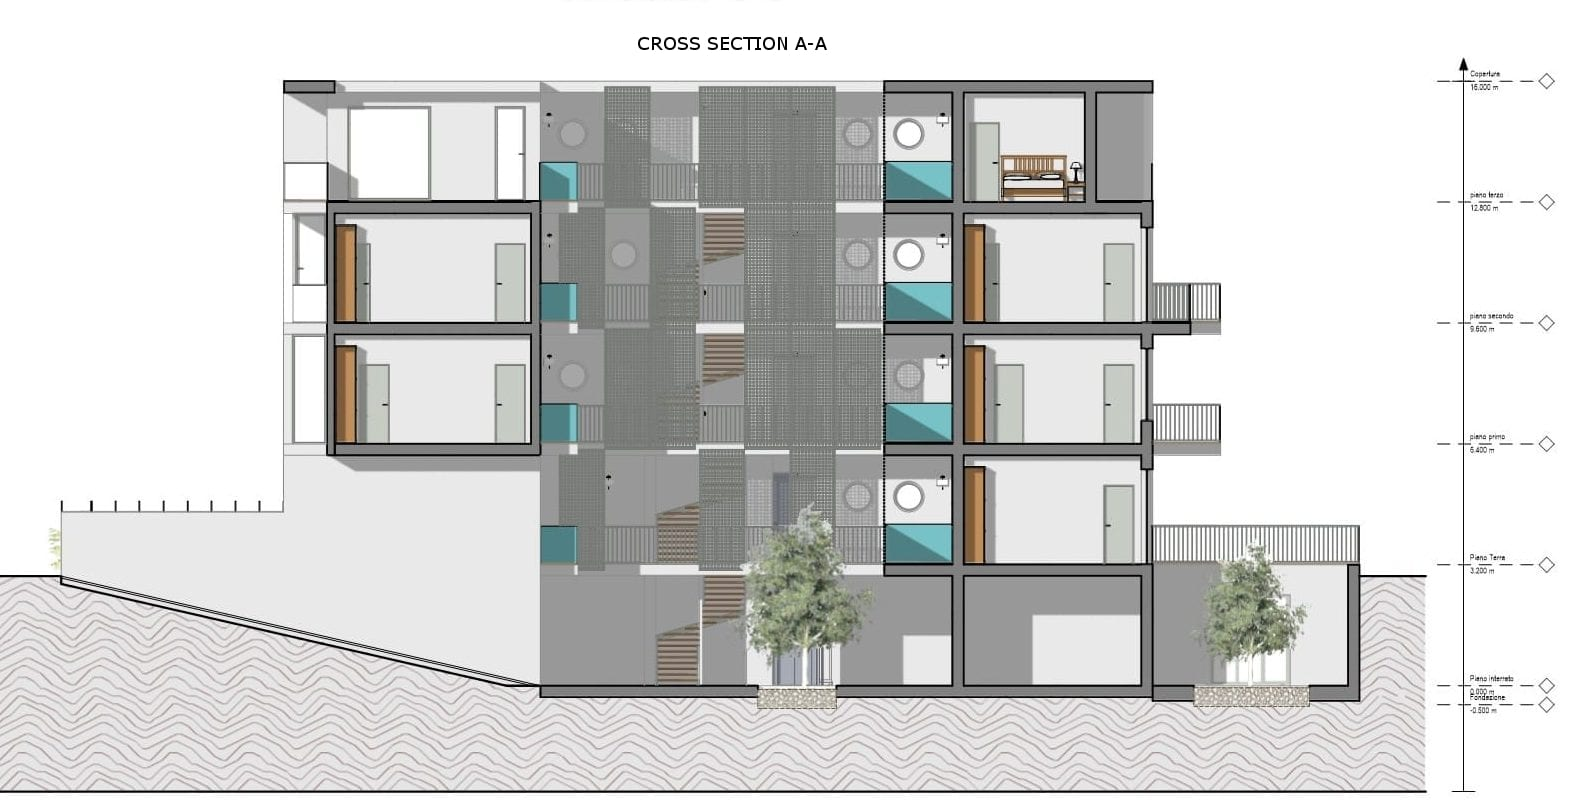 Habitação social – Lecce – corte